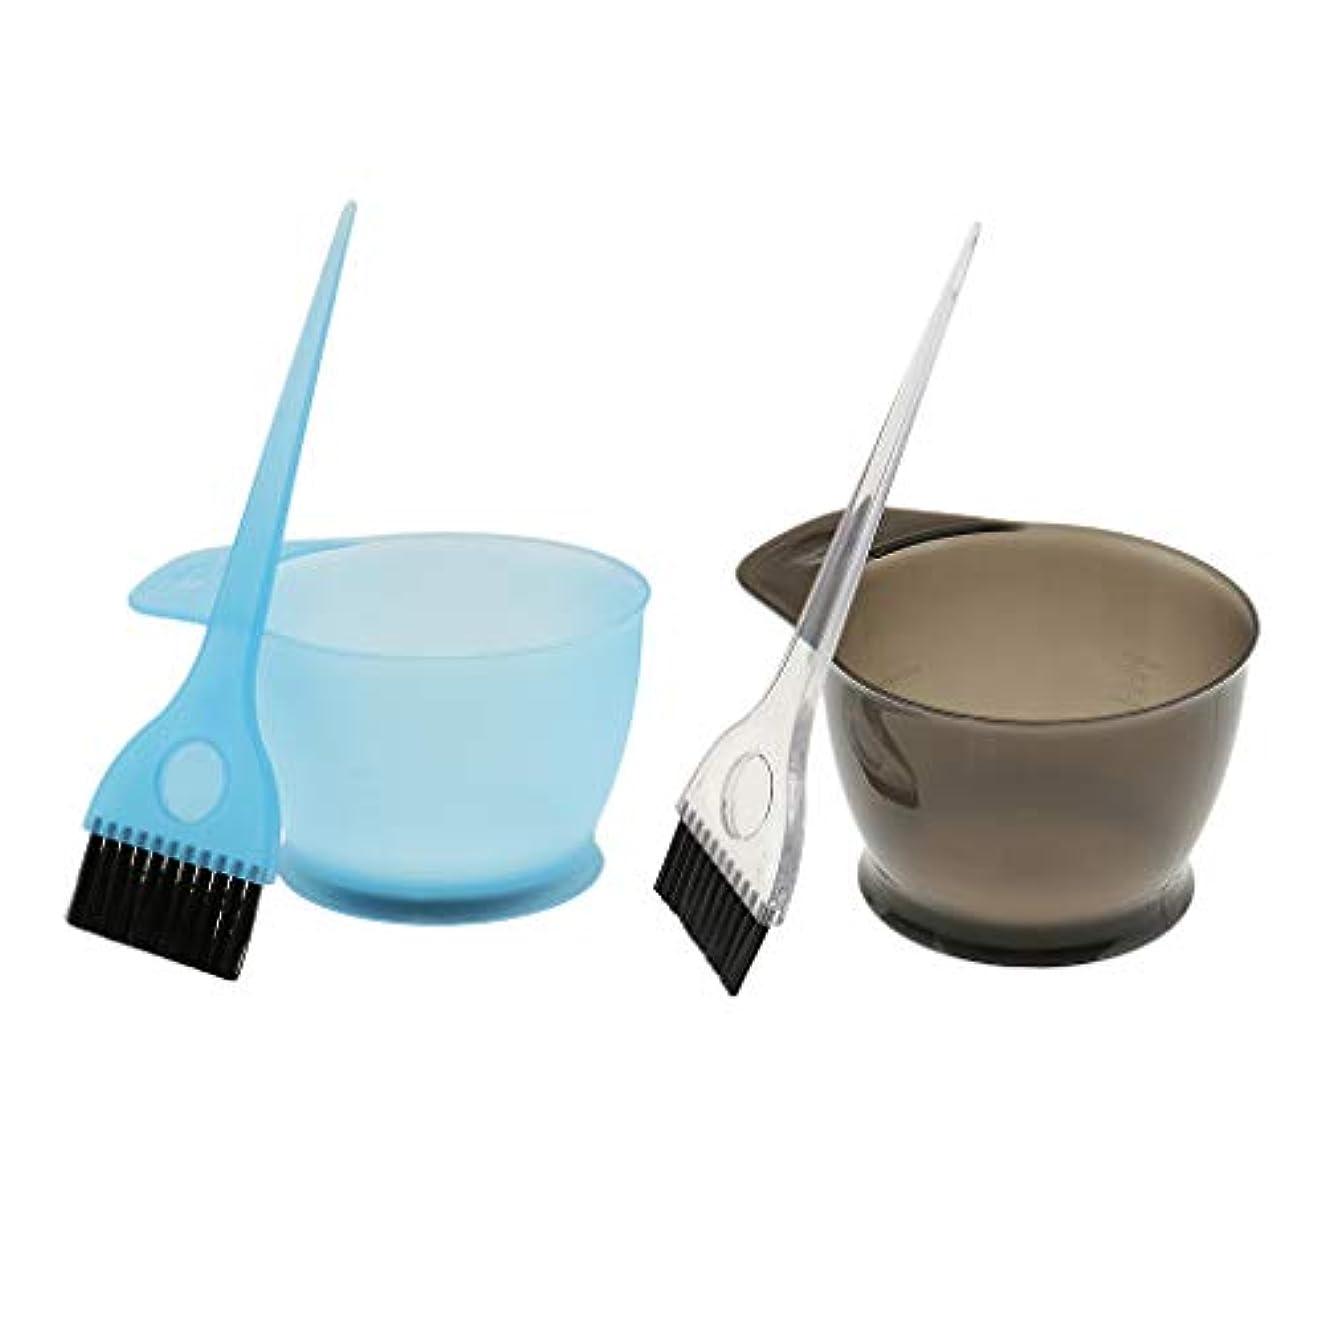 フィルタうなるまつげPerfeclan ヘアカラー ブラシ セット ヘアダイブラシ ヘアダイカップ 髪染めブラシ 美容室 理髪店 適用 4個セット